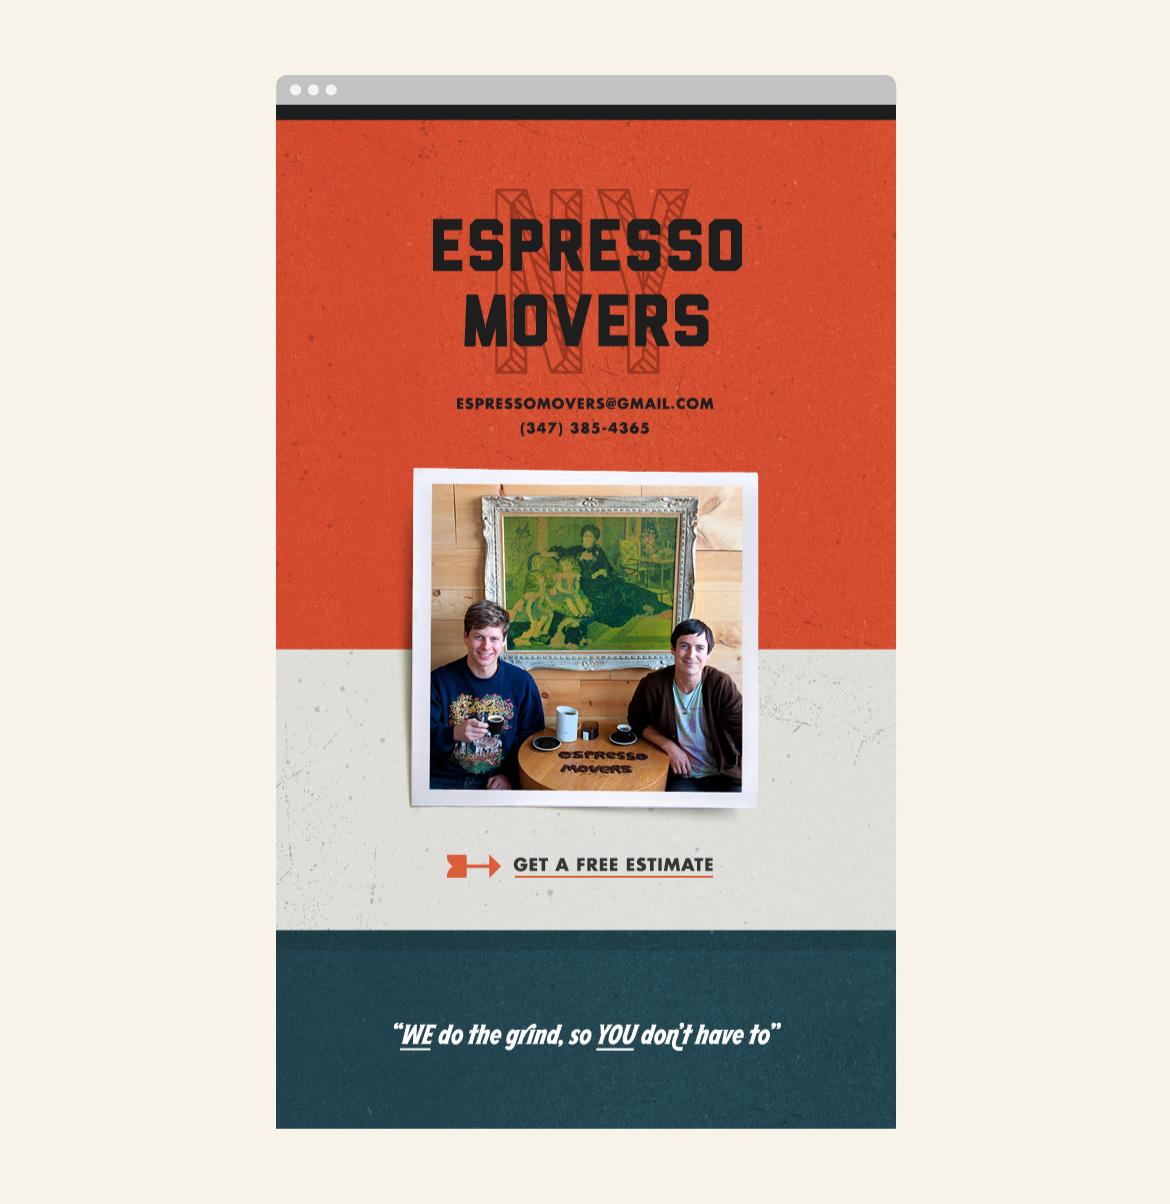 espresso_website1024_a_1.0